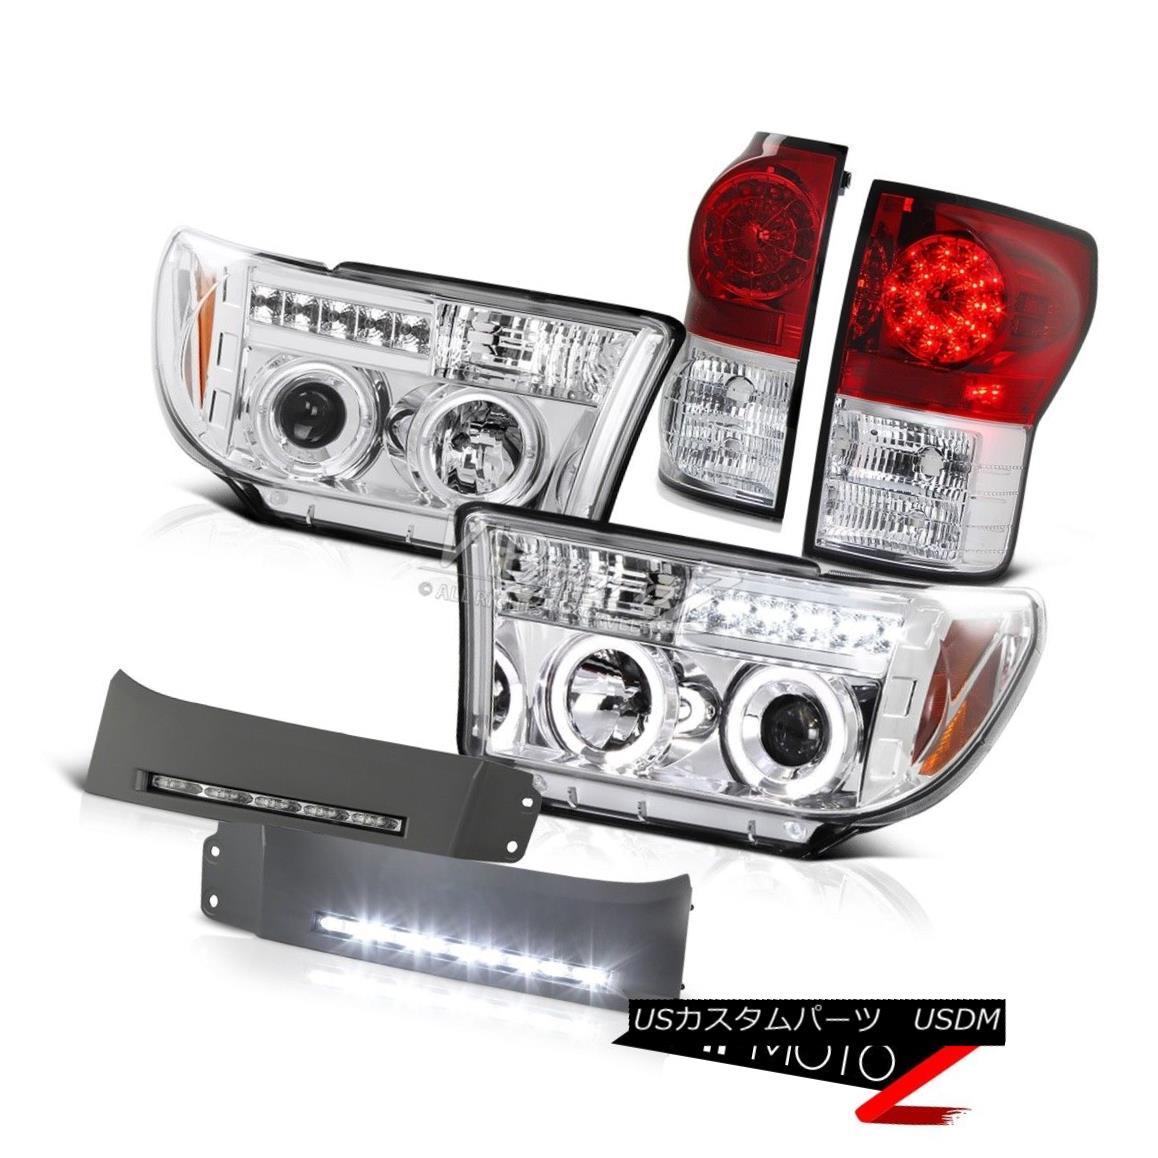 ヘッドライト 2007-2013 Tundra PickUp Red LED Tail Light Angel Eye Headlight LED DRL Fog Light 2007年?2013年Tundra PickUpレッドLEDテールライトエンジェルアイヘッドライトLED DRLフォグライト